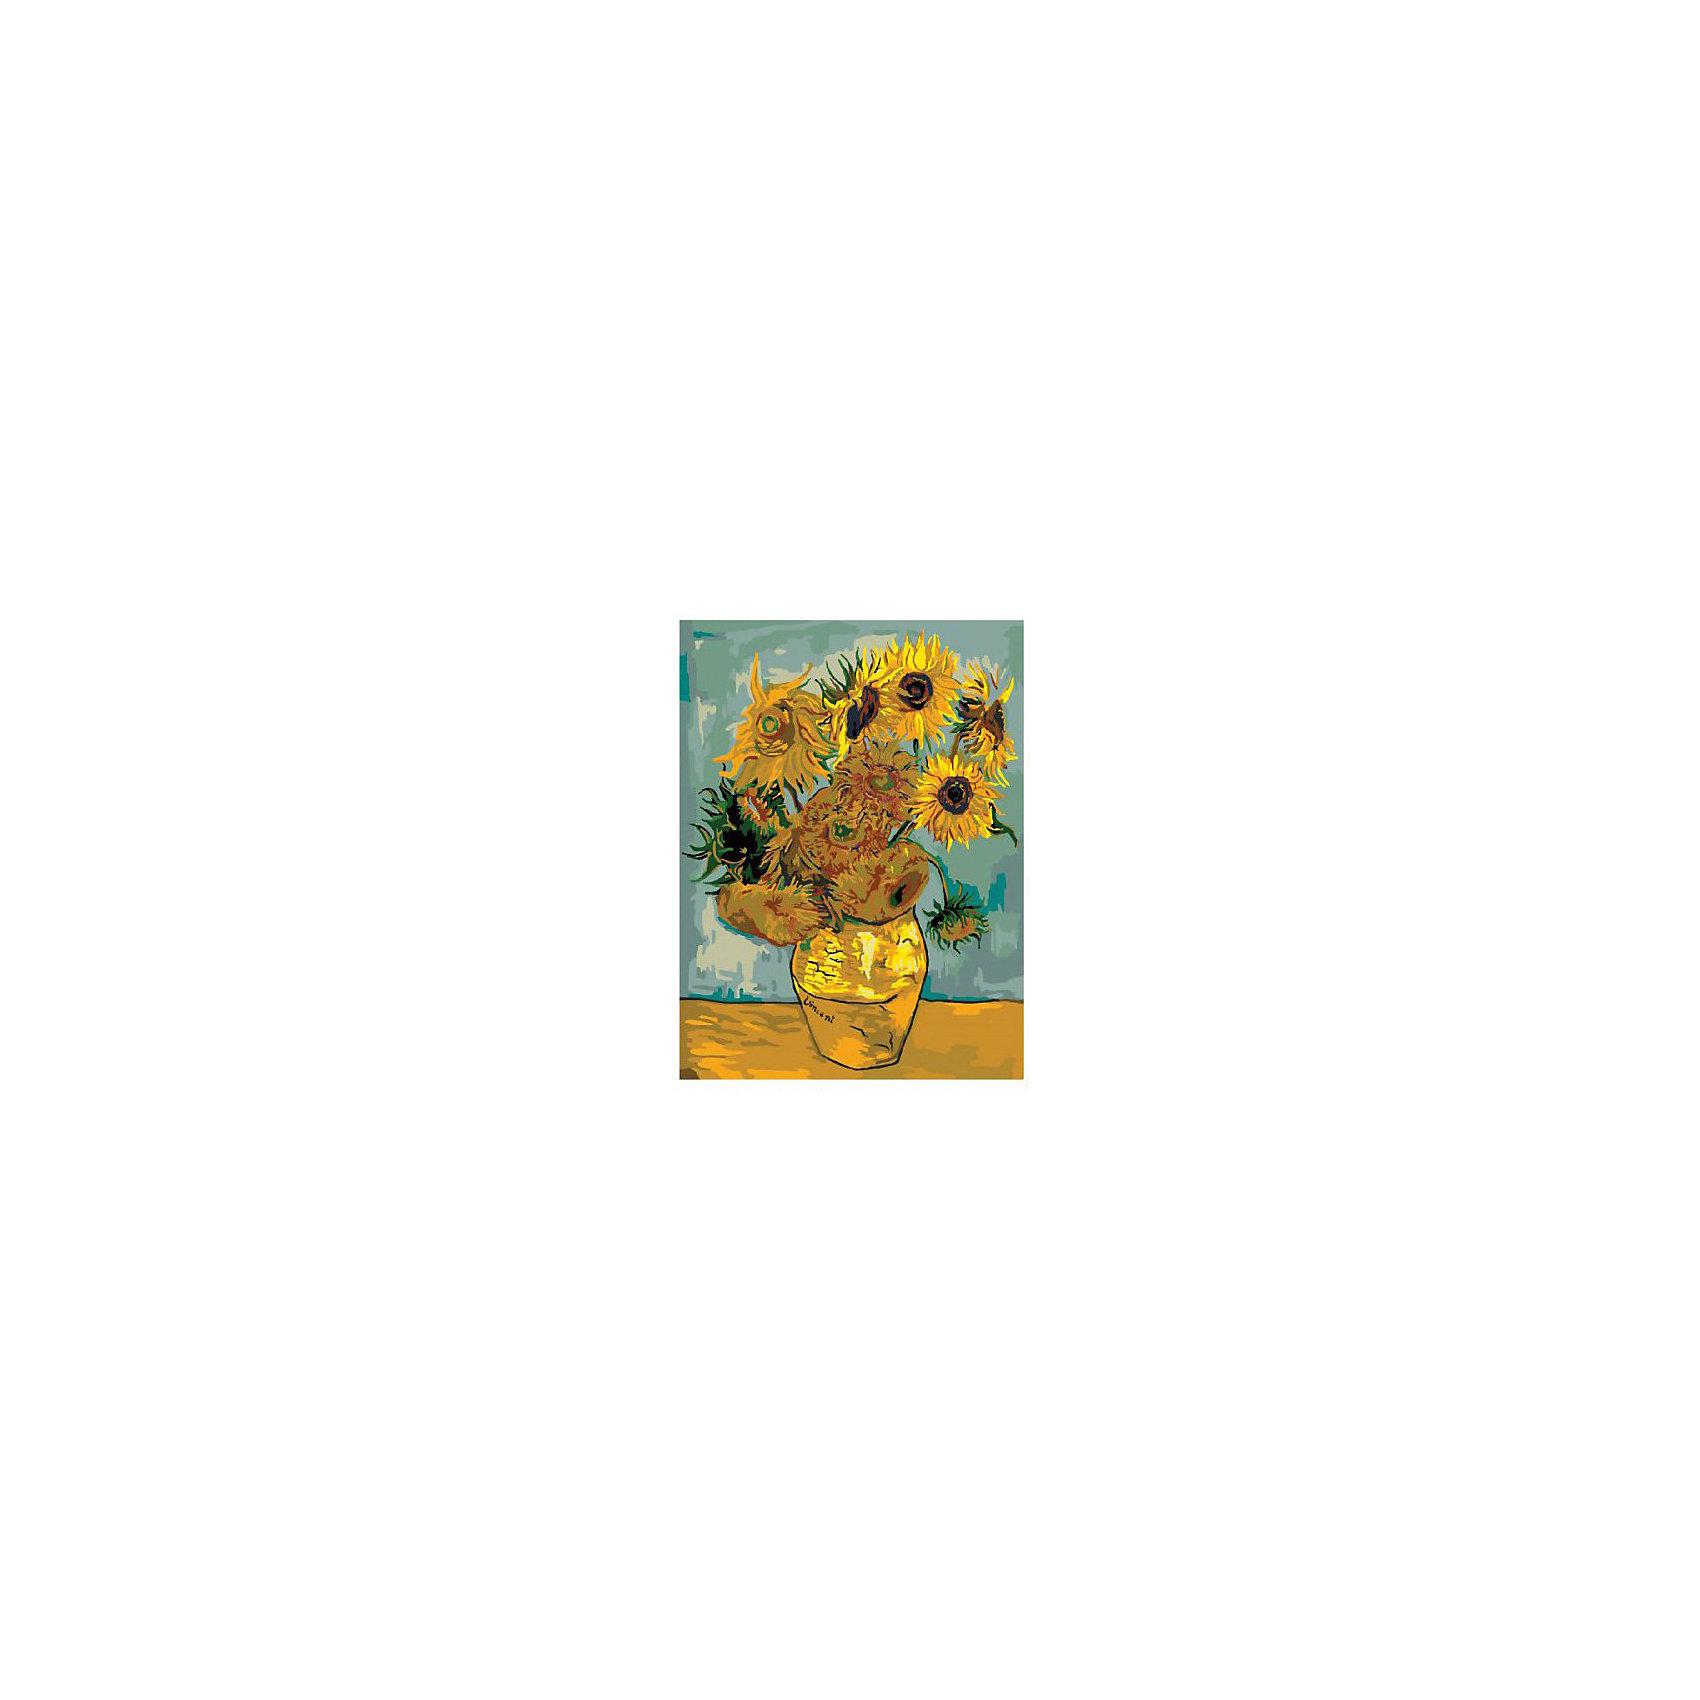 Картина по номерам Ван Гог: Подсолнухи, 40*50 смКартины с раскраской по номерам размером 40*50. На деревянном подрамнике, с прогрунтованным холстом и  нанесенными контурами картины, с указанием цвета закраски, акриловыми красками, 3 кисточками и креплением на стену. Уровень сложности, количество красок указаны на коробке.<br><br>Ширина мм: 500<br>Глубина мм: 400<br>Высота мм: 40<br>Вес г: 730<br>Возраст от месяцев: 108<br>Возраст до месяцев: 2147483647<br>Пол: Унисекс<br>Возраст: Детский<br>SKU: 5417699